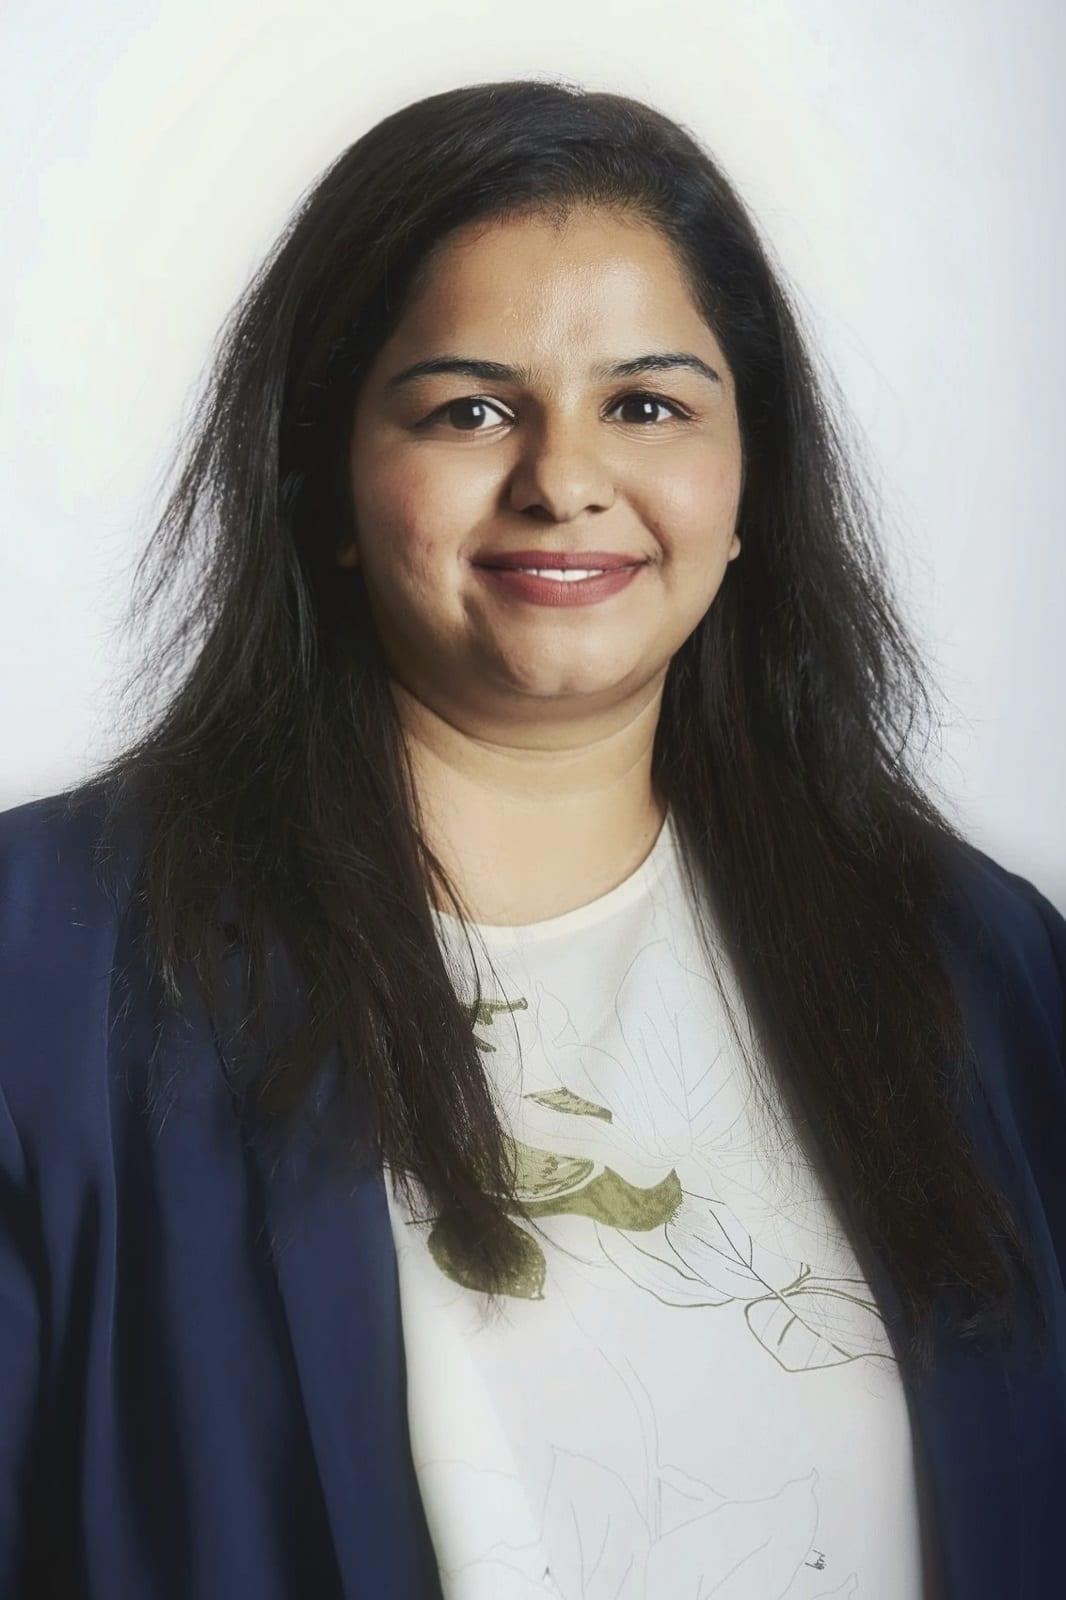 Ishita Gohil